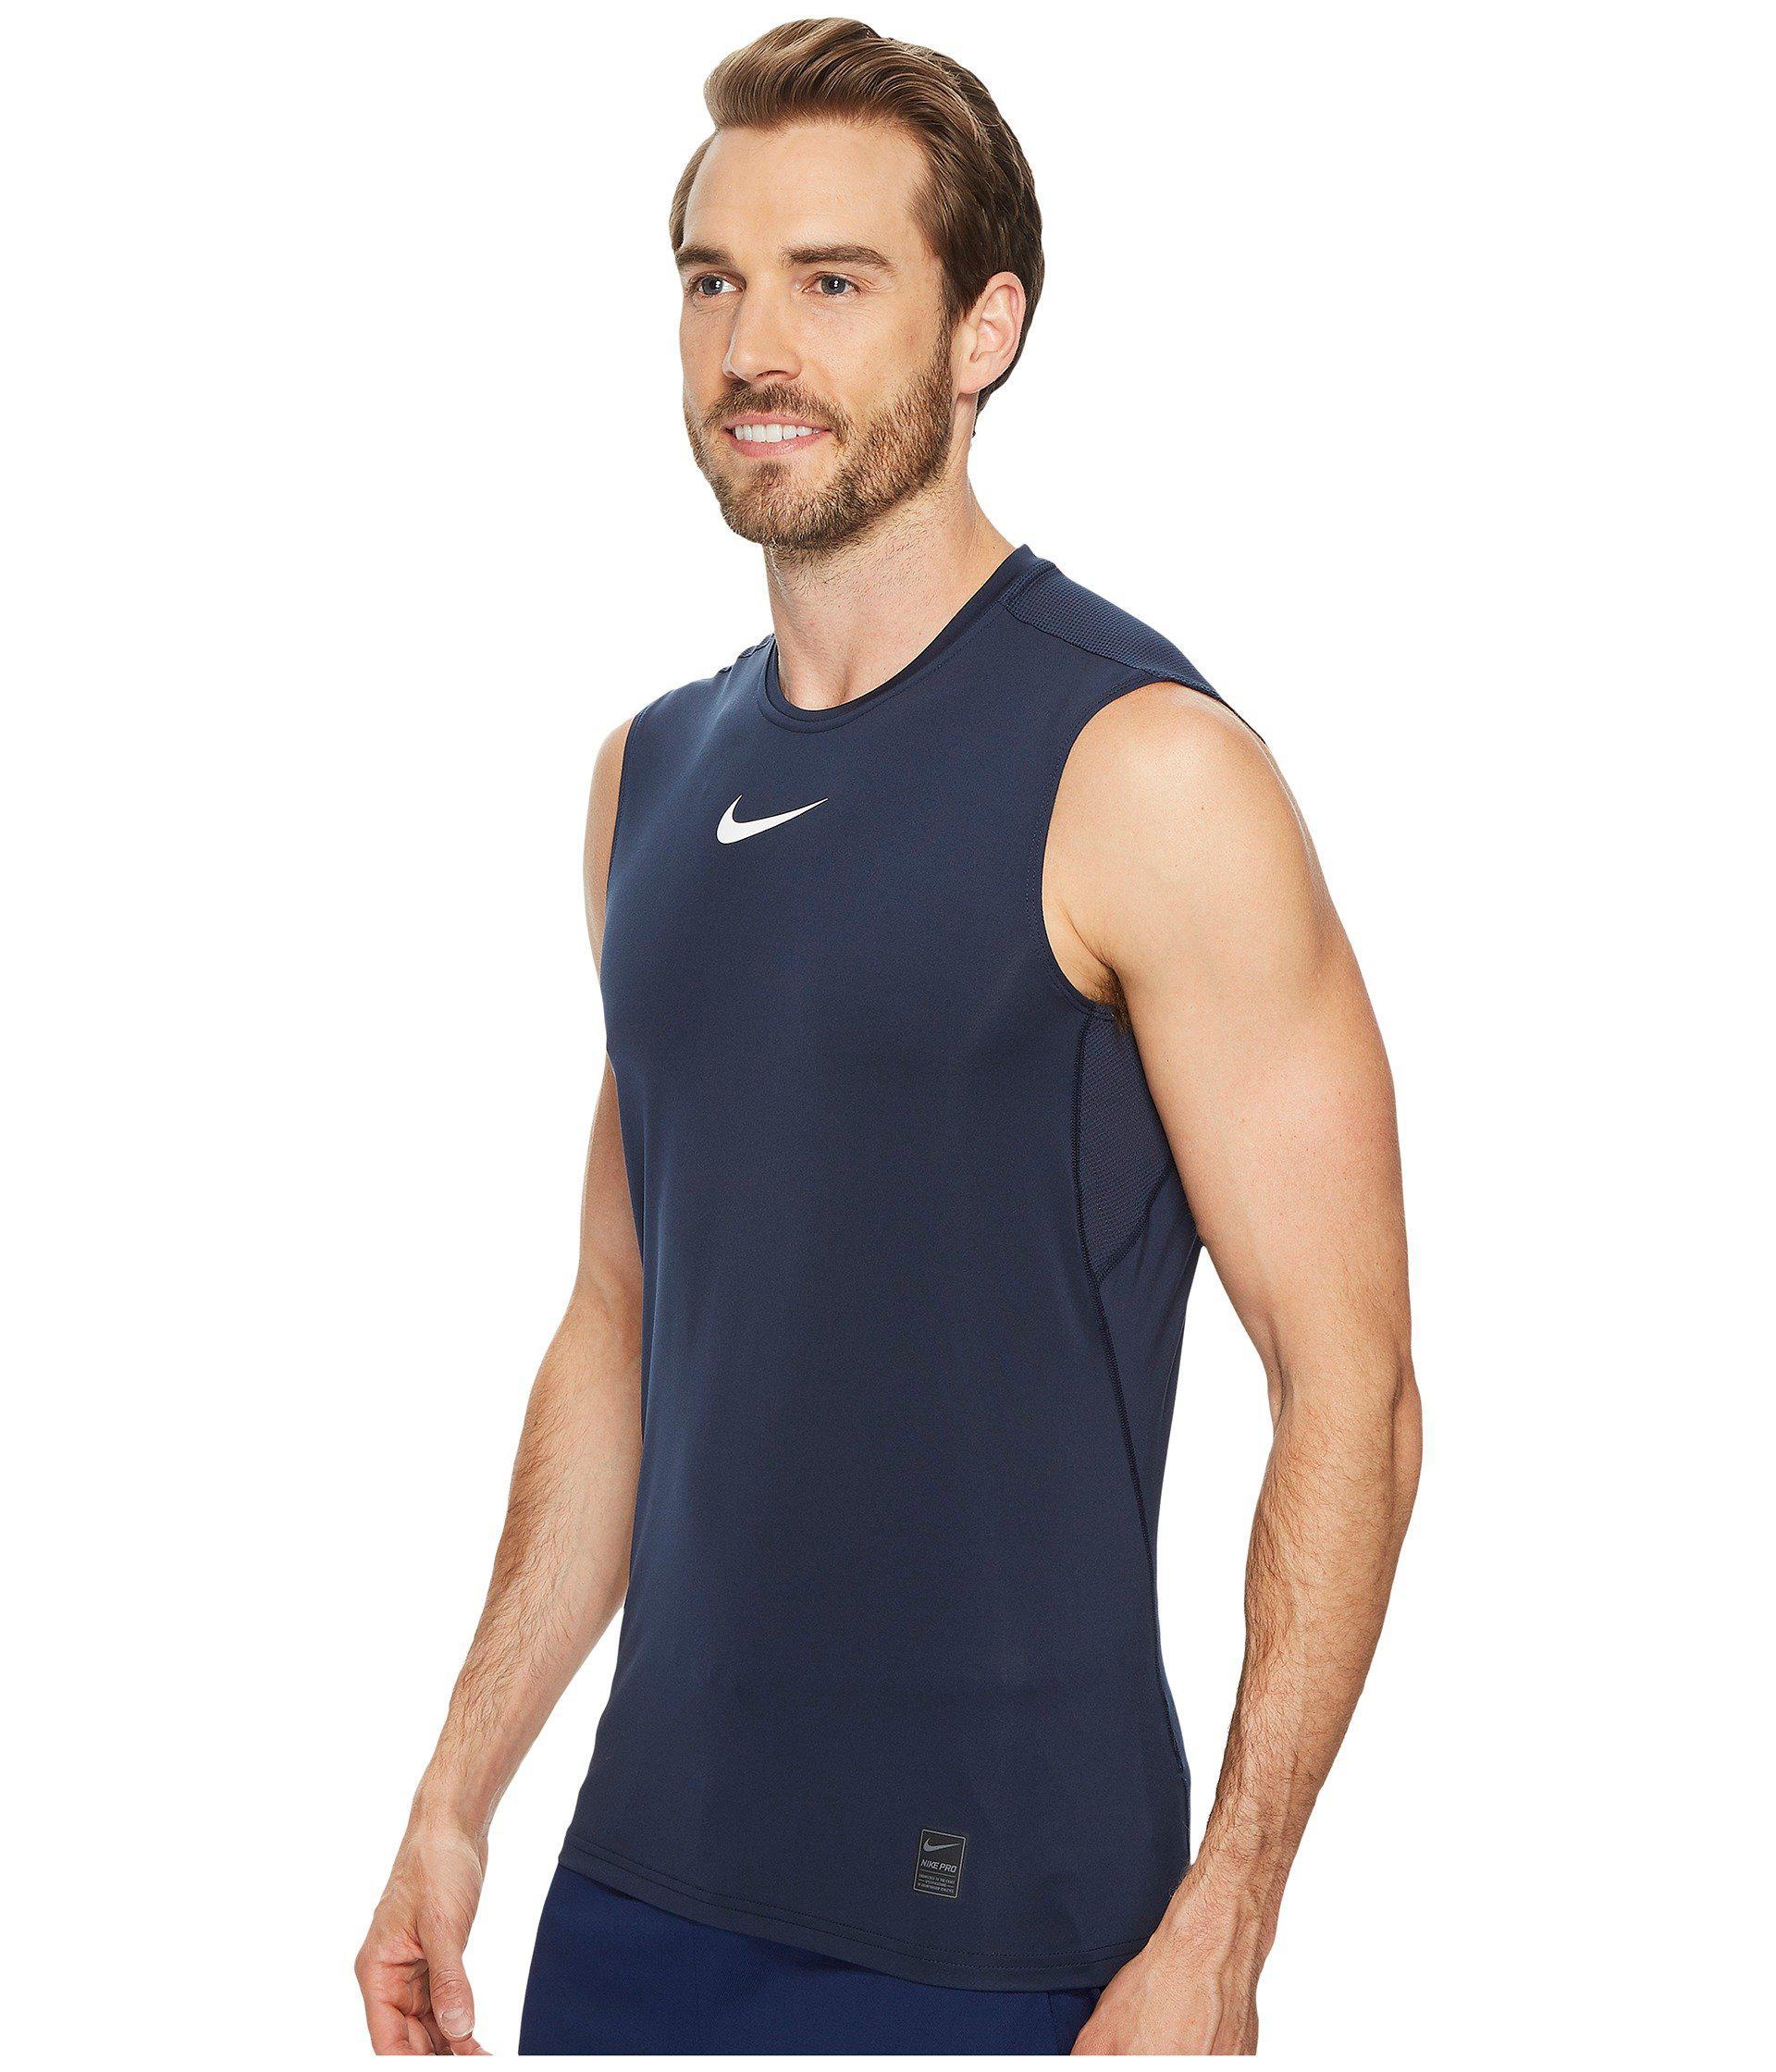 e11b3c06cc325 Lyst - Nike Pro Fitted Sleeveless Training Top (black white white) Men s  Sleeveless in Black for Men